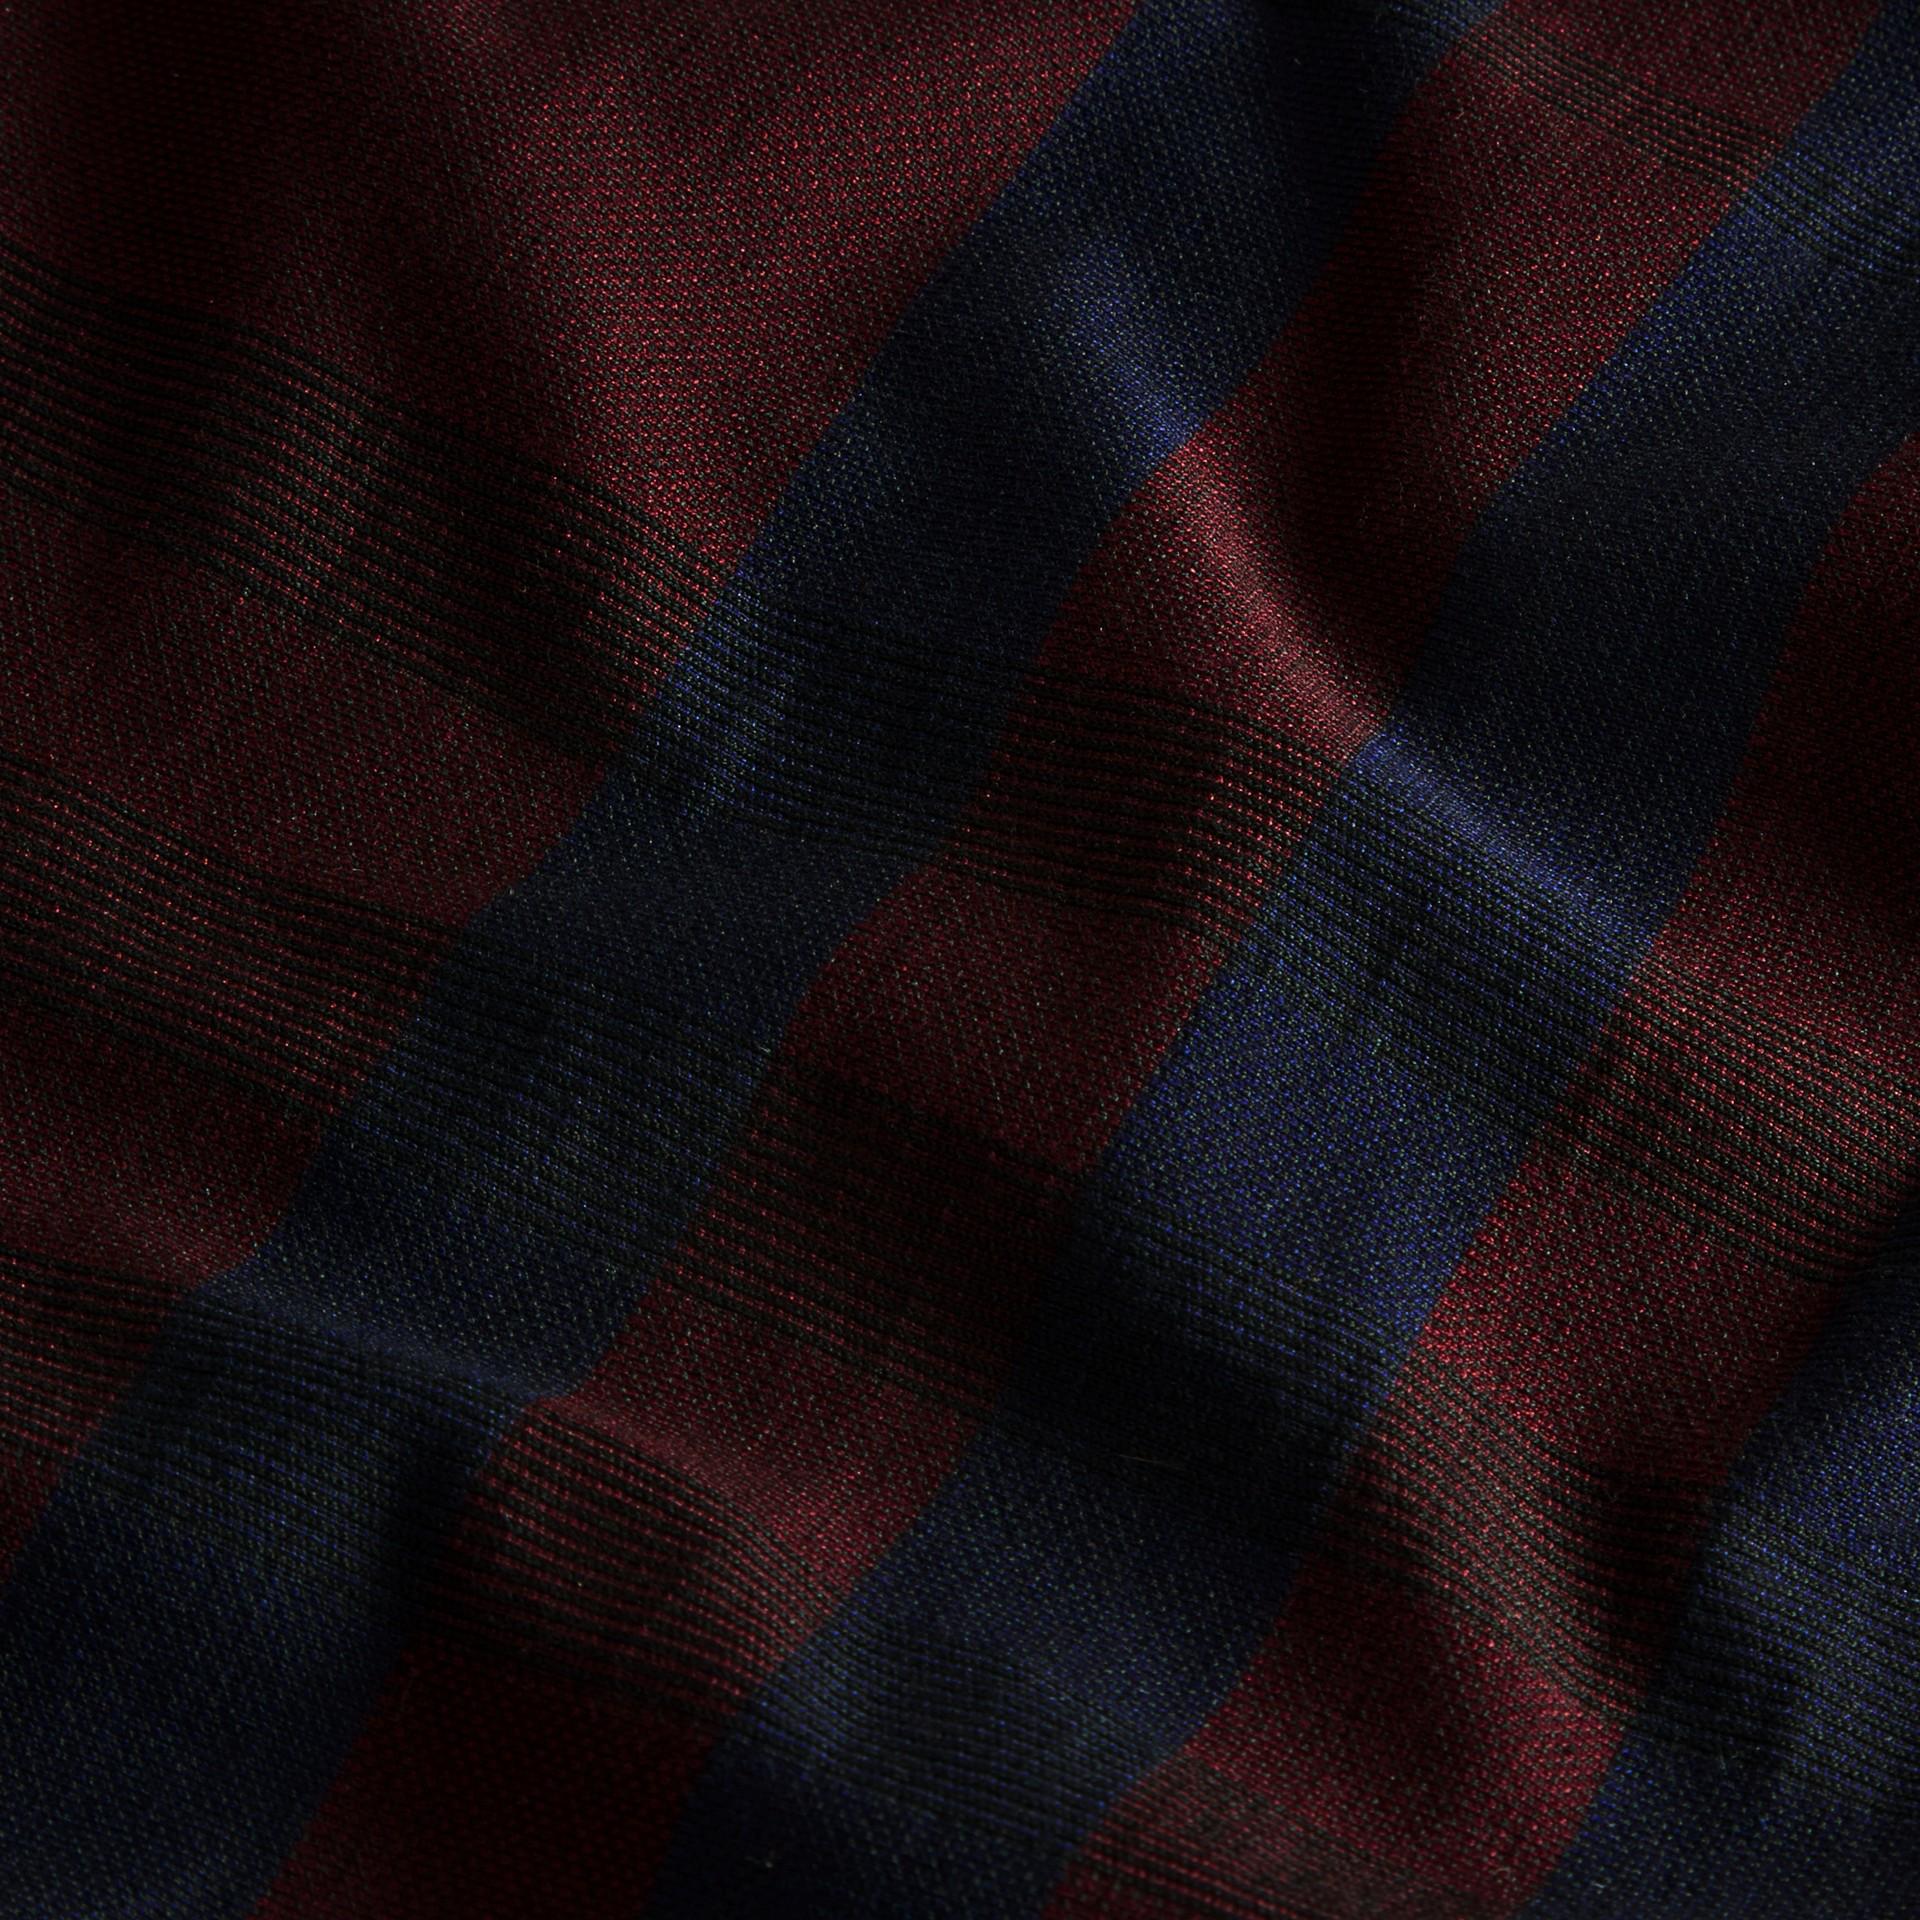 バーガンディレッド チェック ストレッチコットン ポロシャツ バーガンディレッド - ギャラリーイメージ 2